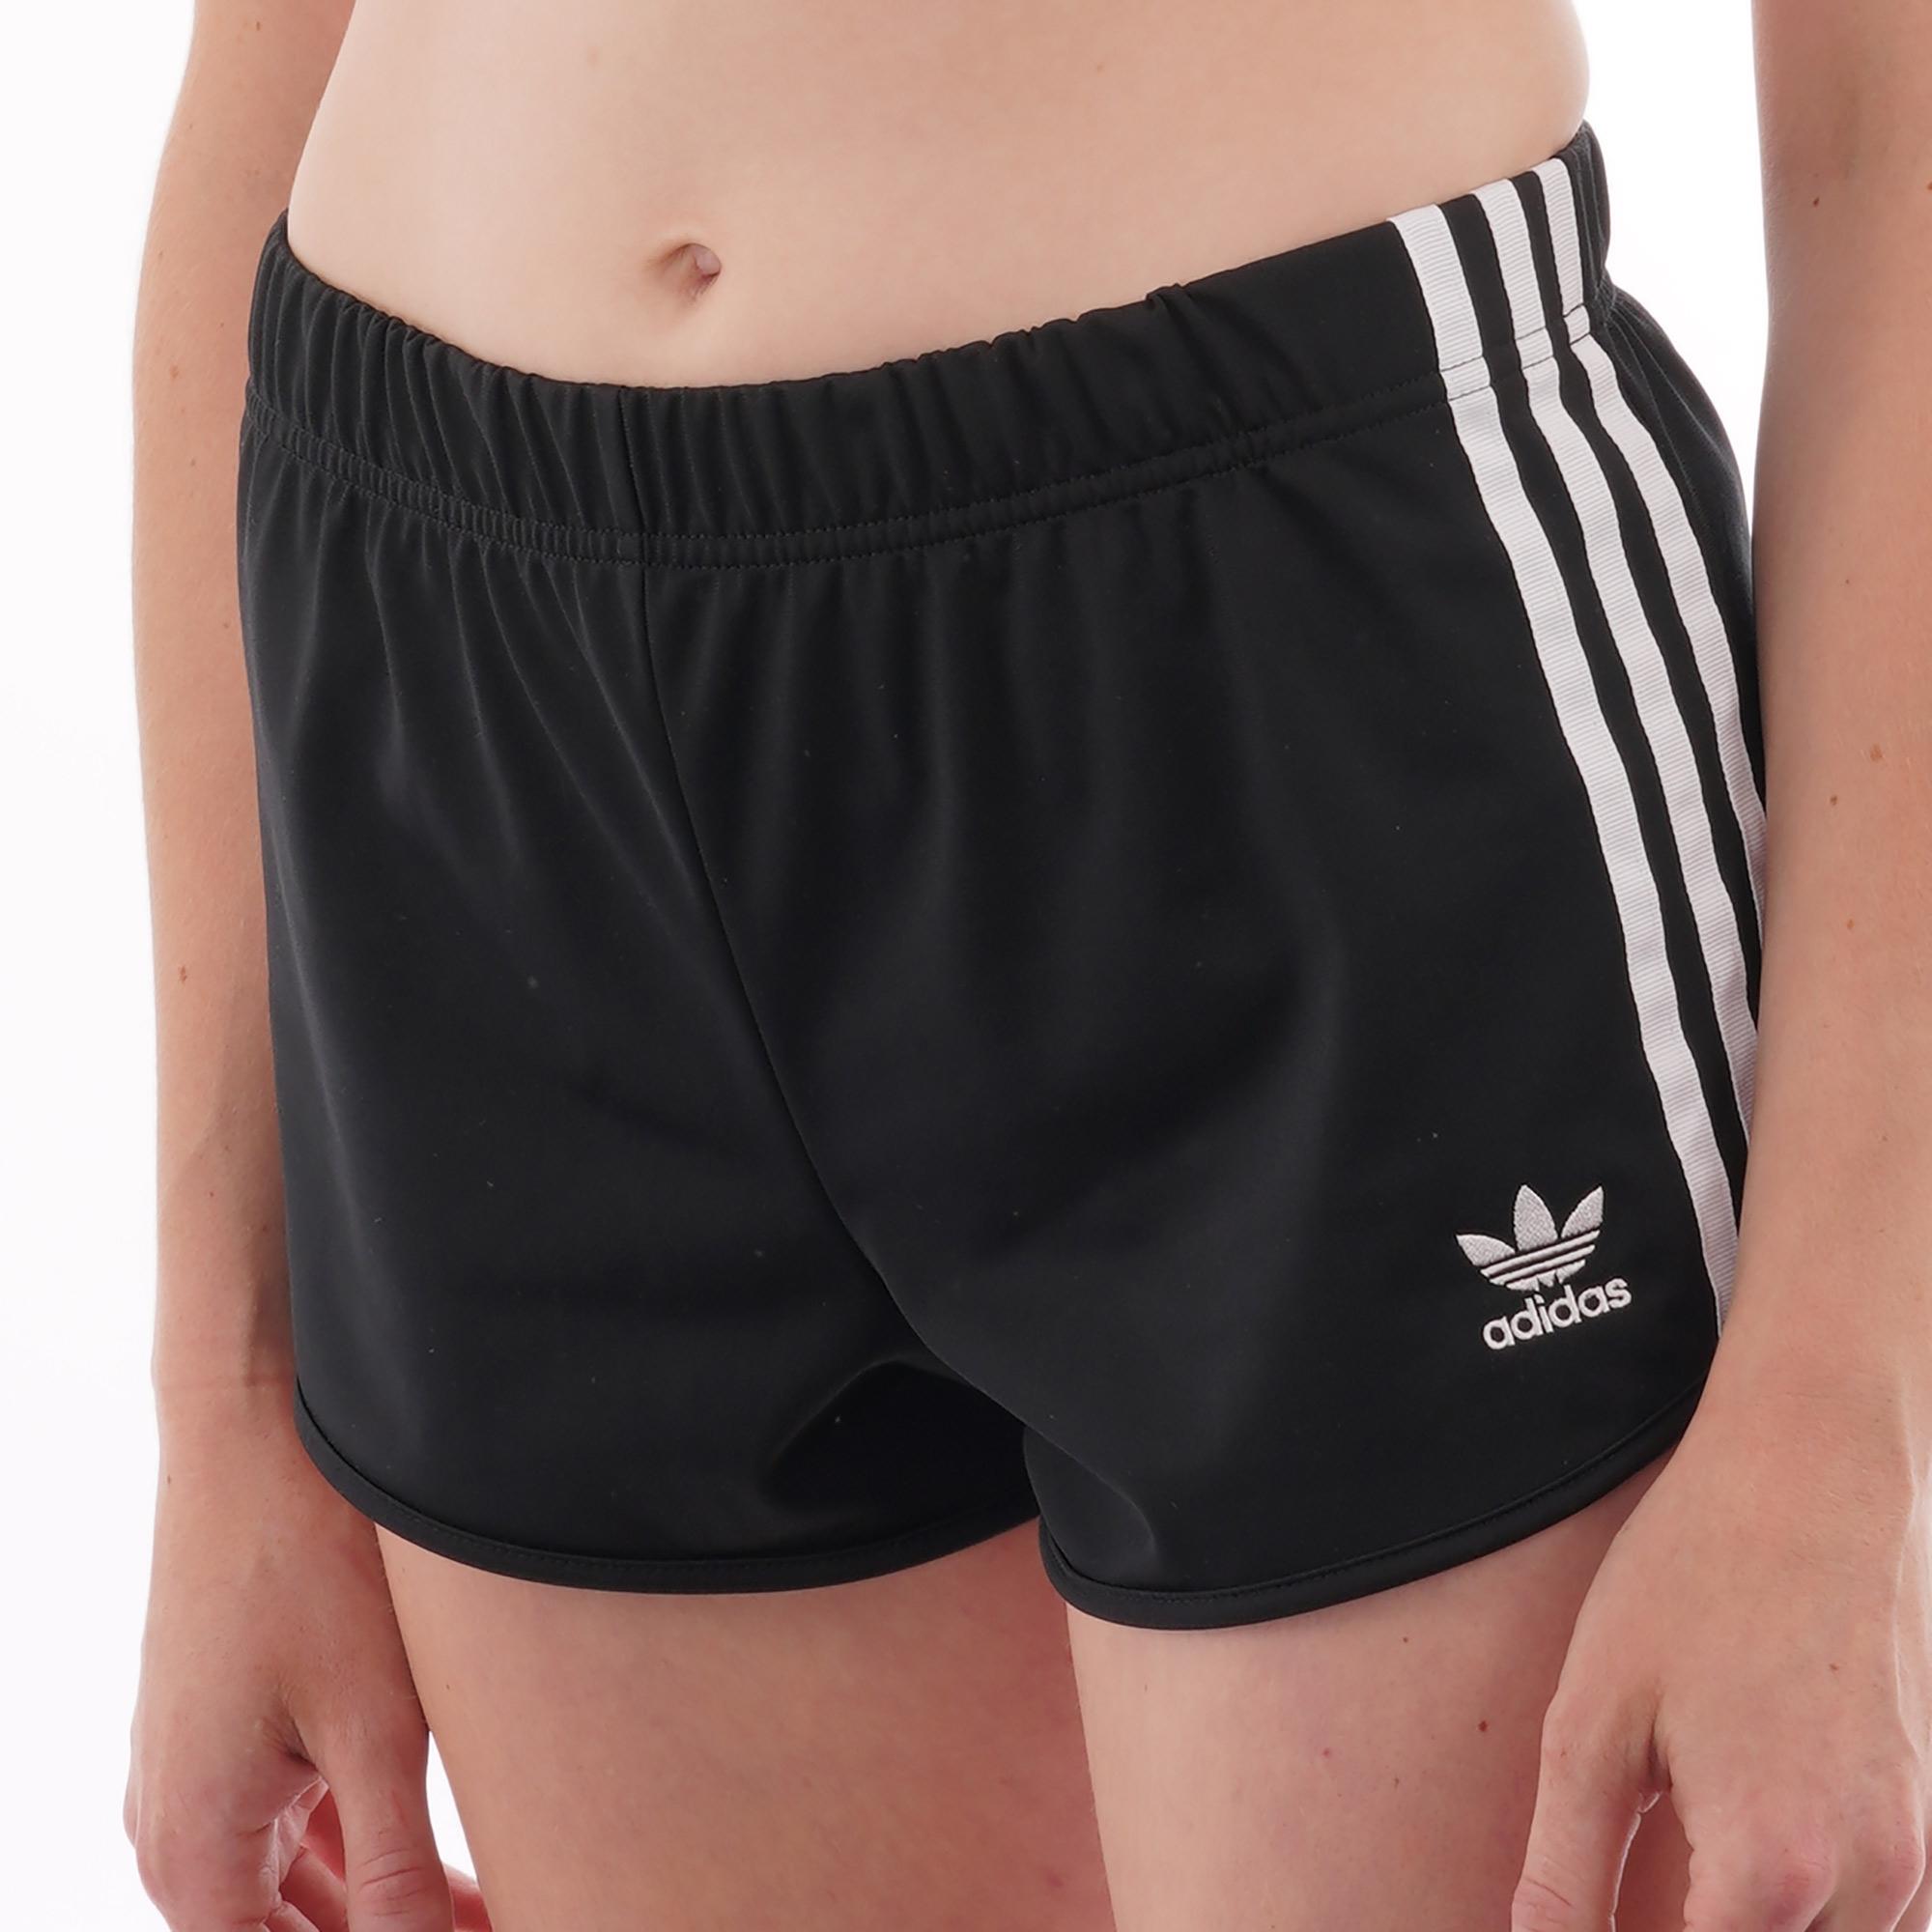 Adidas Womens Black - Stripe Shorts